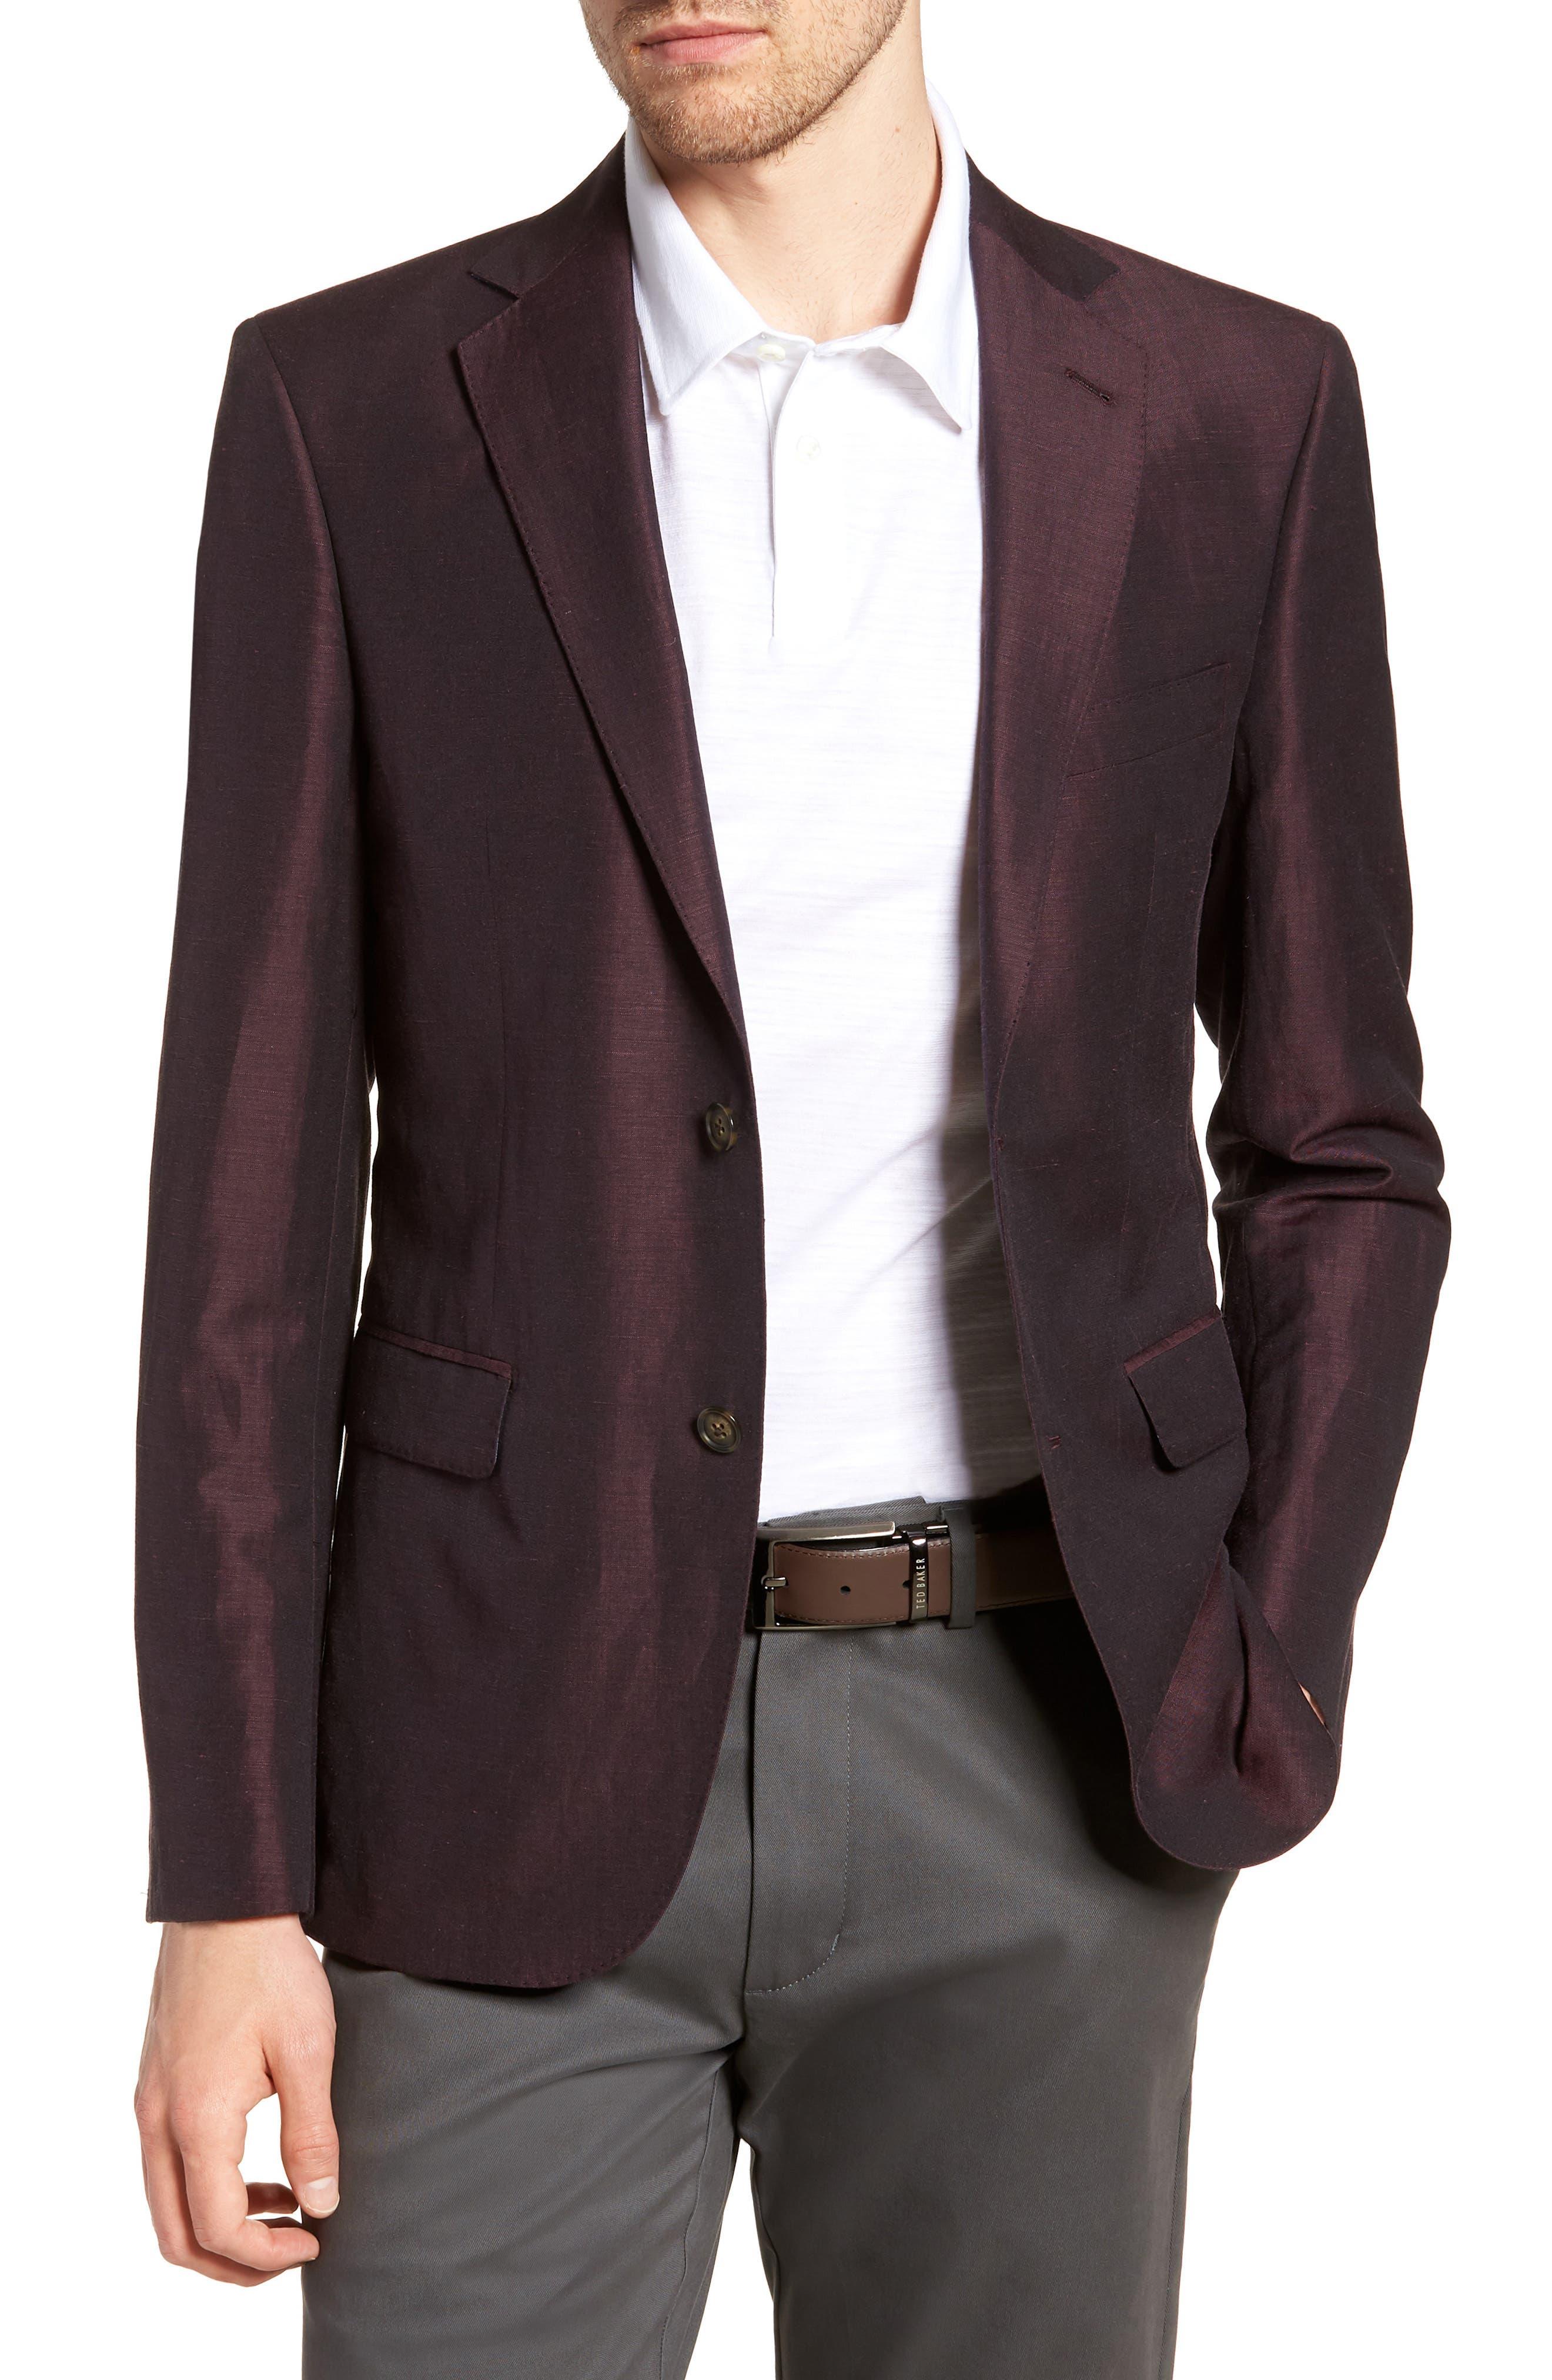 Shelby Trim Fit Wool & Linen Suit Jacket,                             Main thumbnail 1, color,